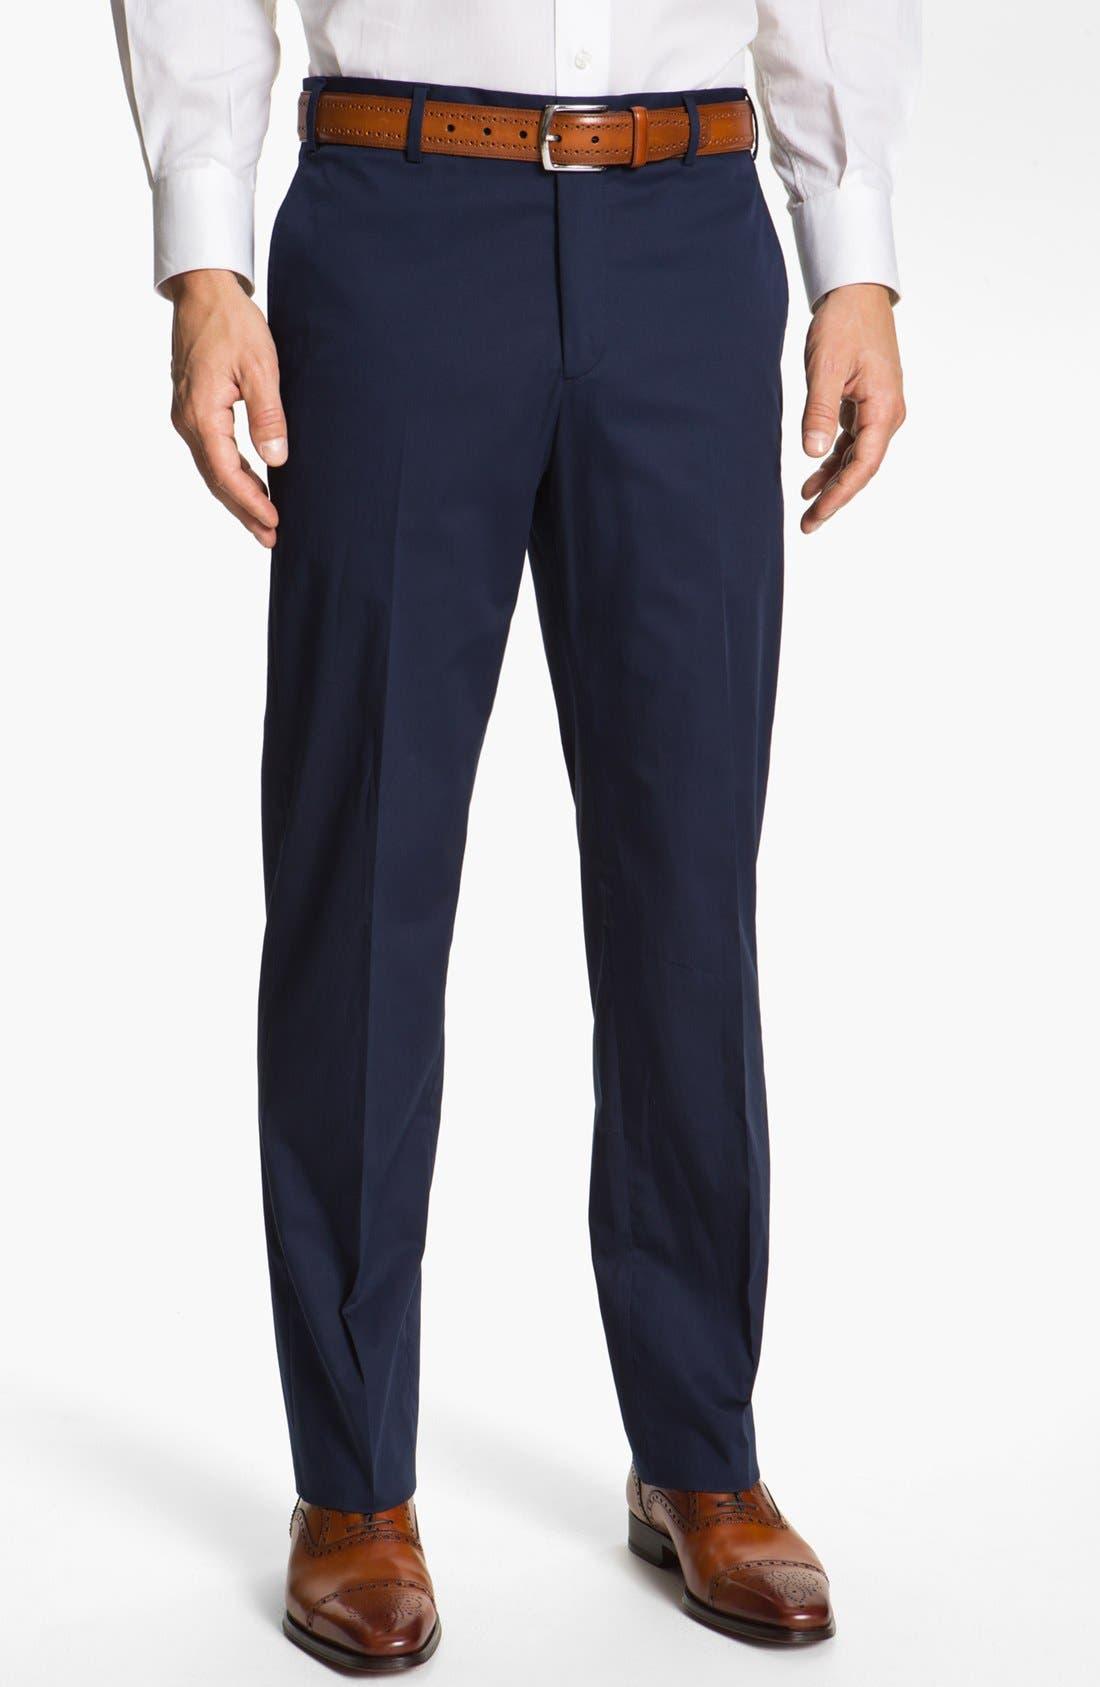 Alternate Image 1 Selected - Zanella 'Devon' Flat Front Seersucker Trousers